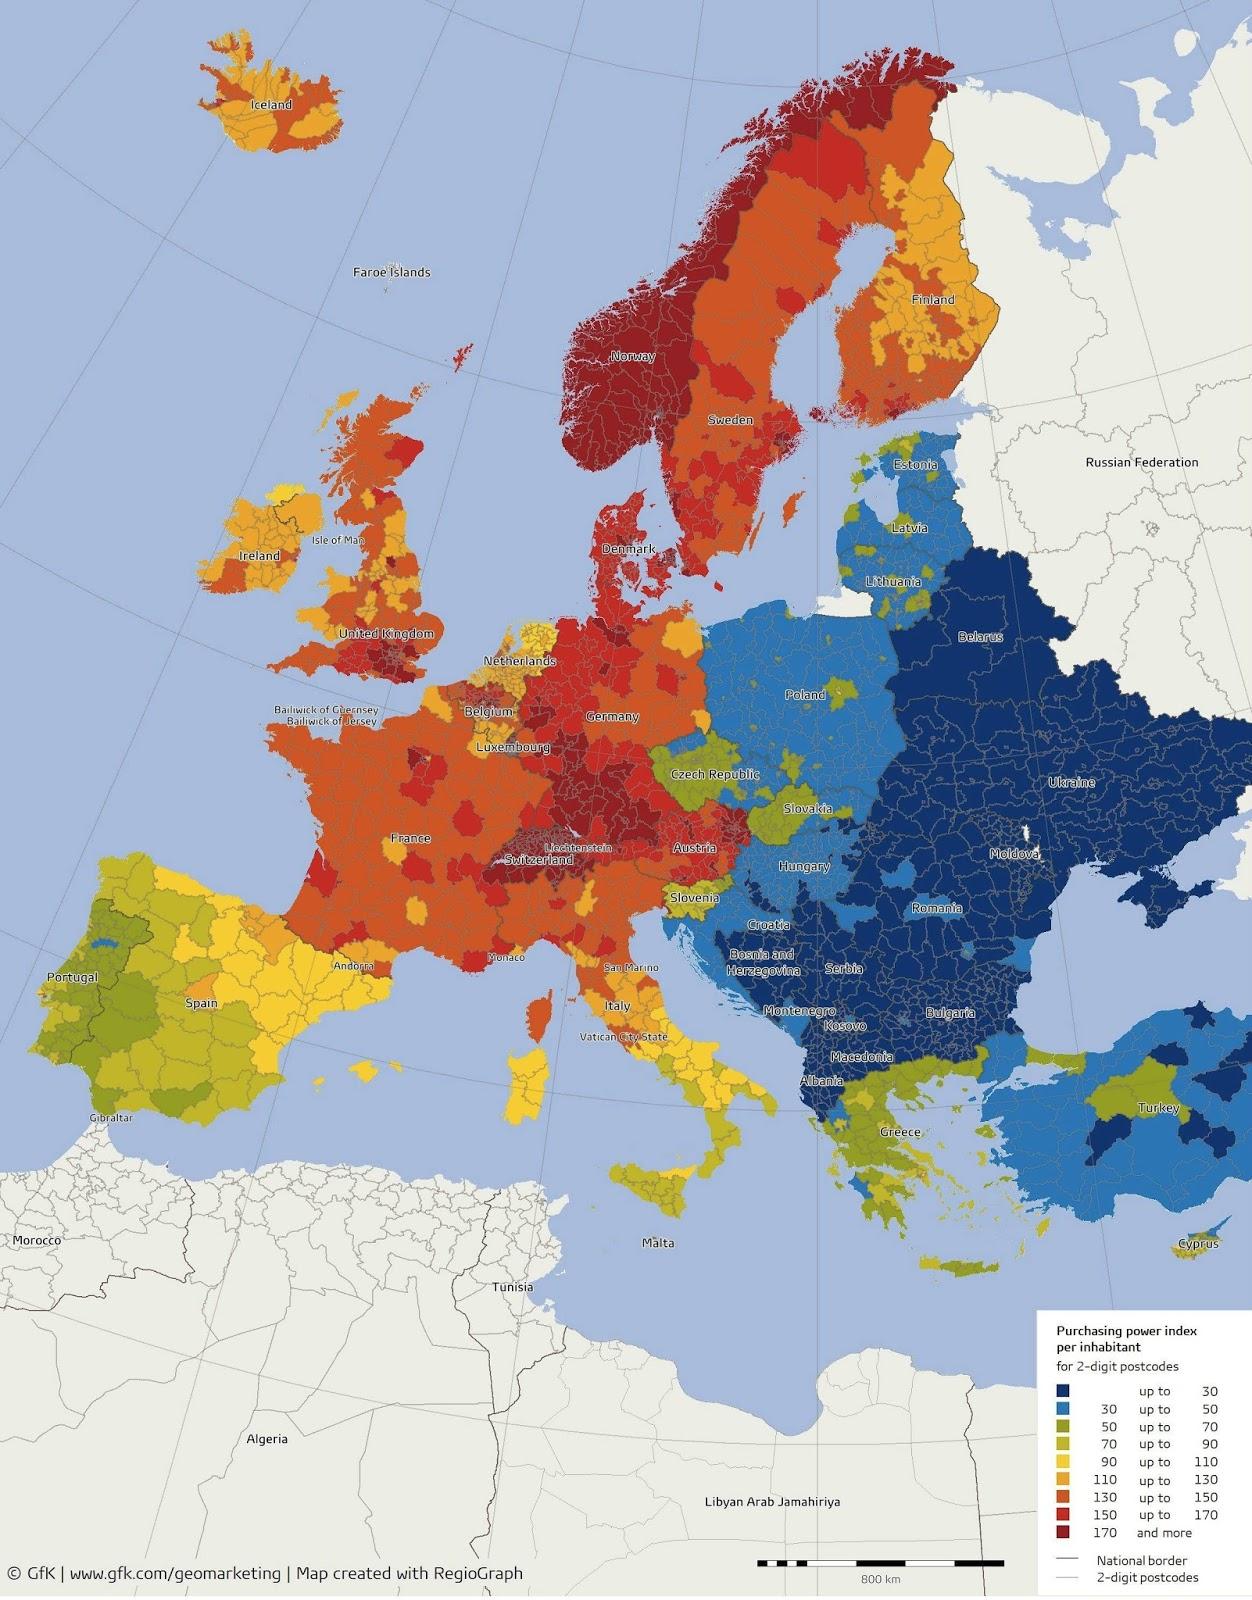 reddito pro capite, mappa dell'Europa